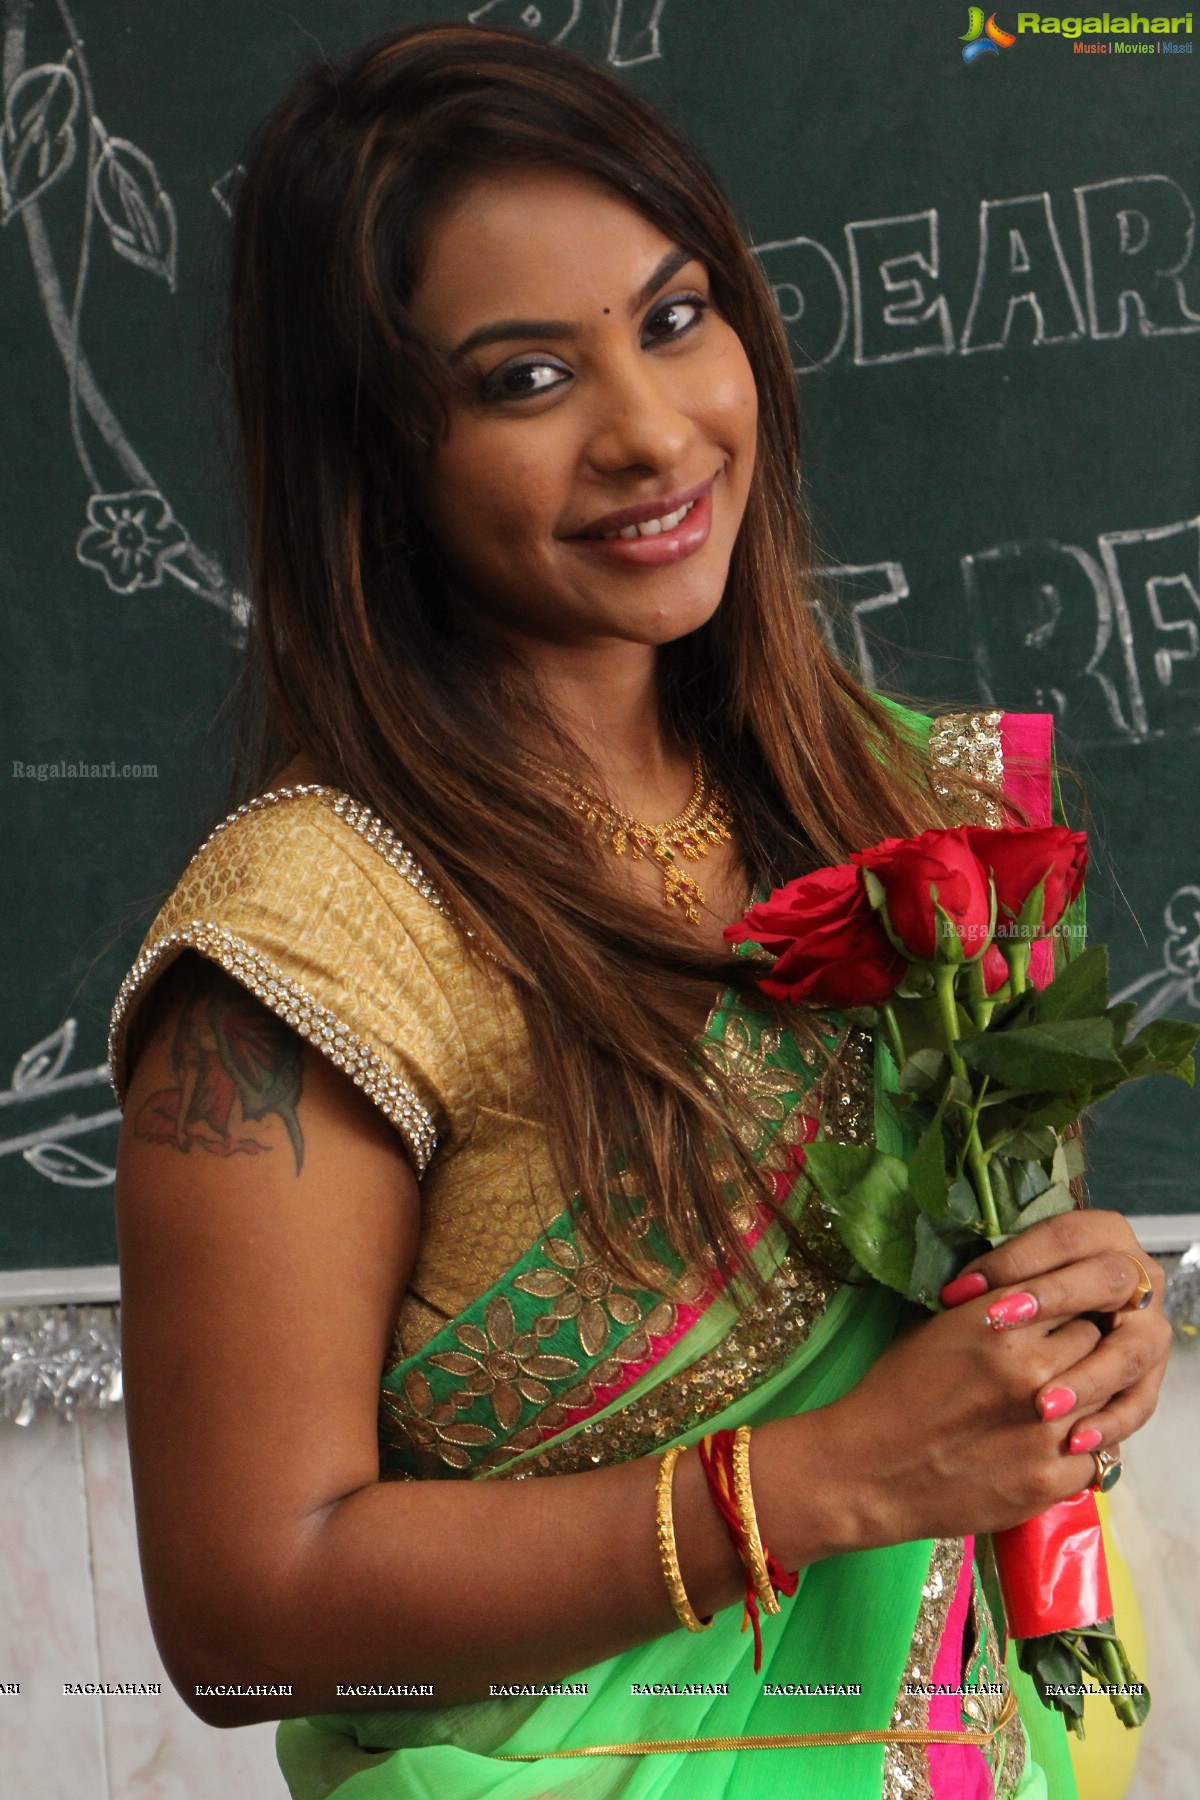 Sri Lekha Mallidi